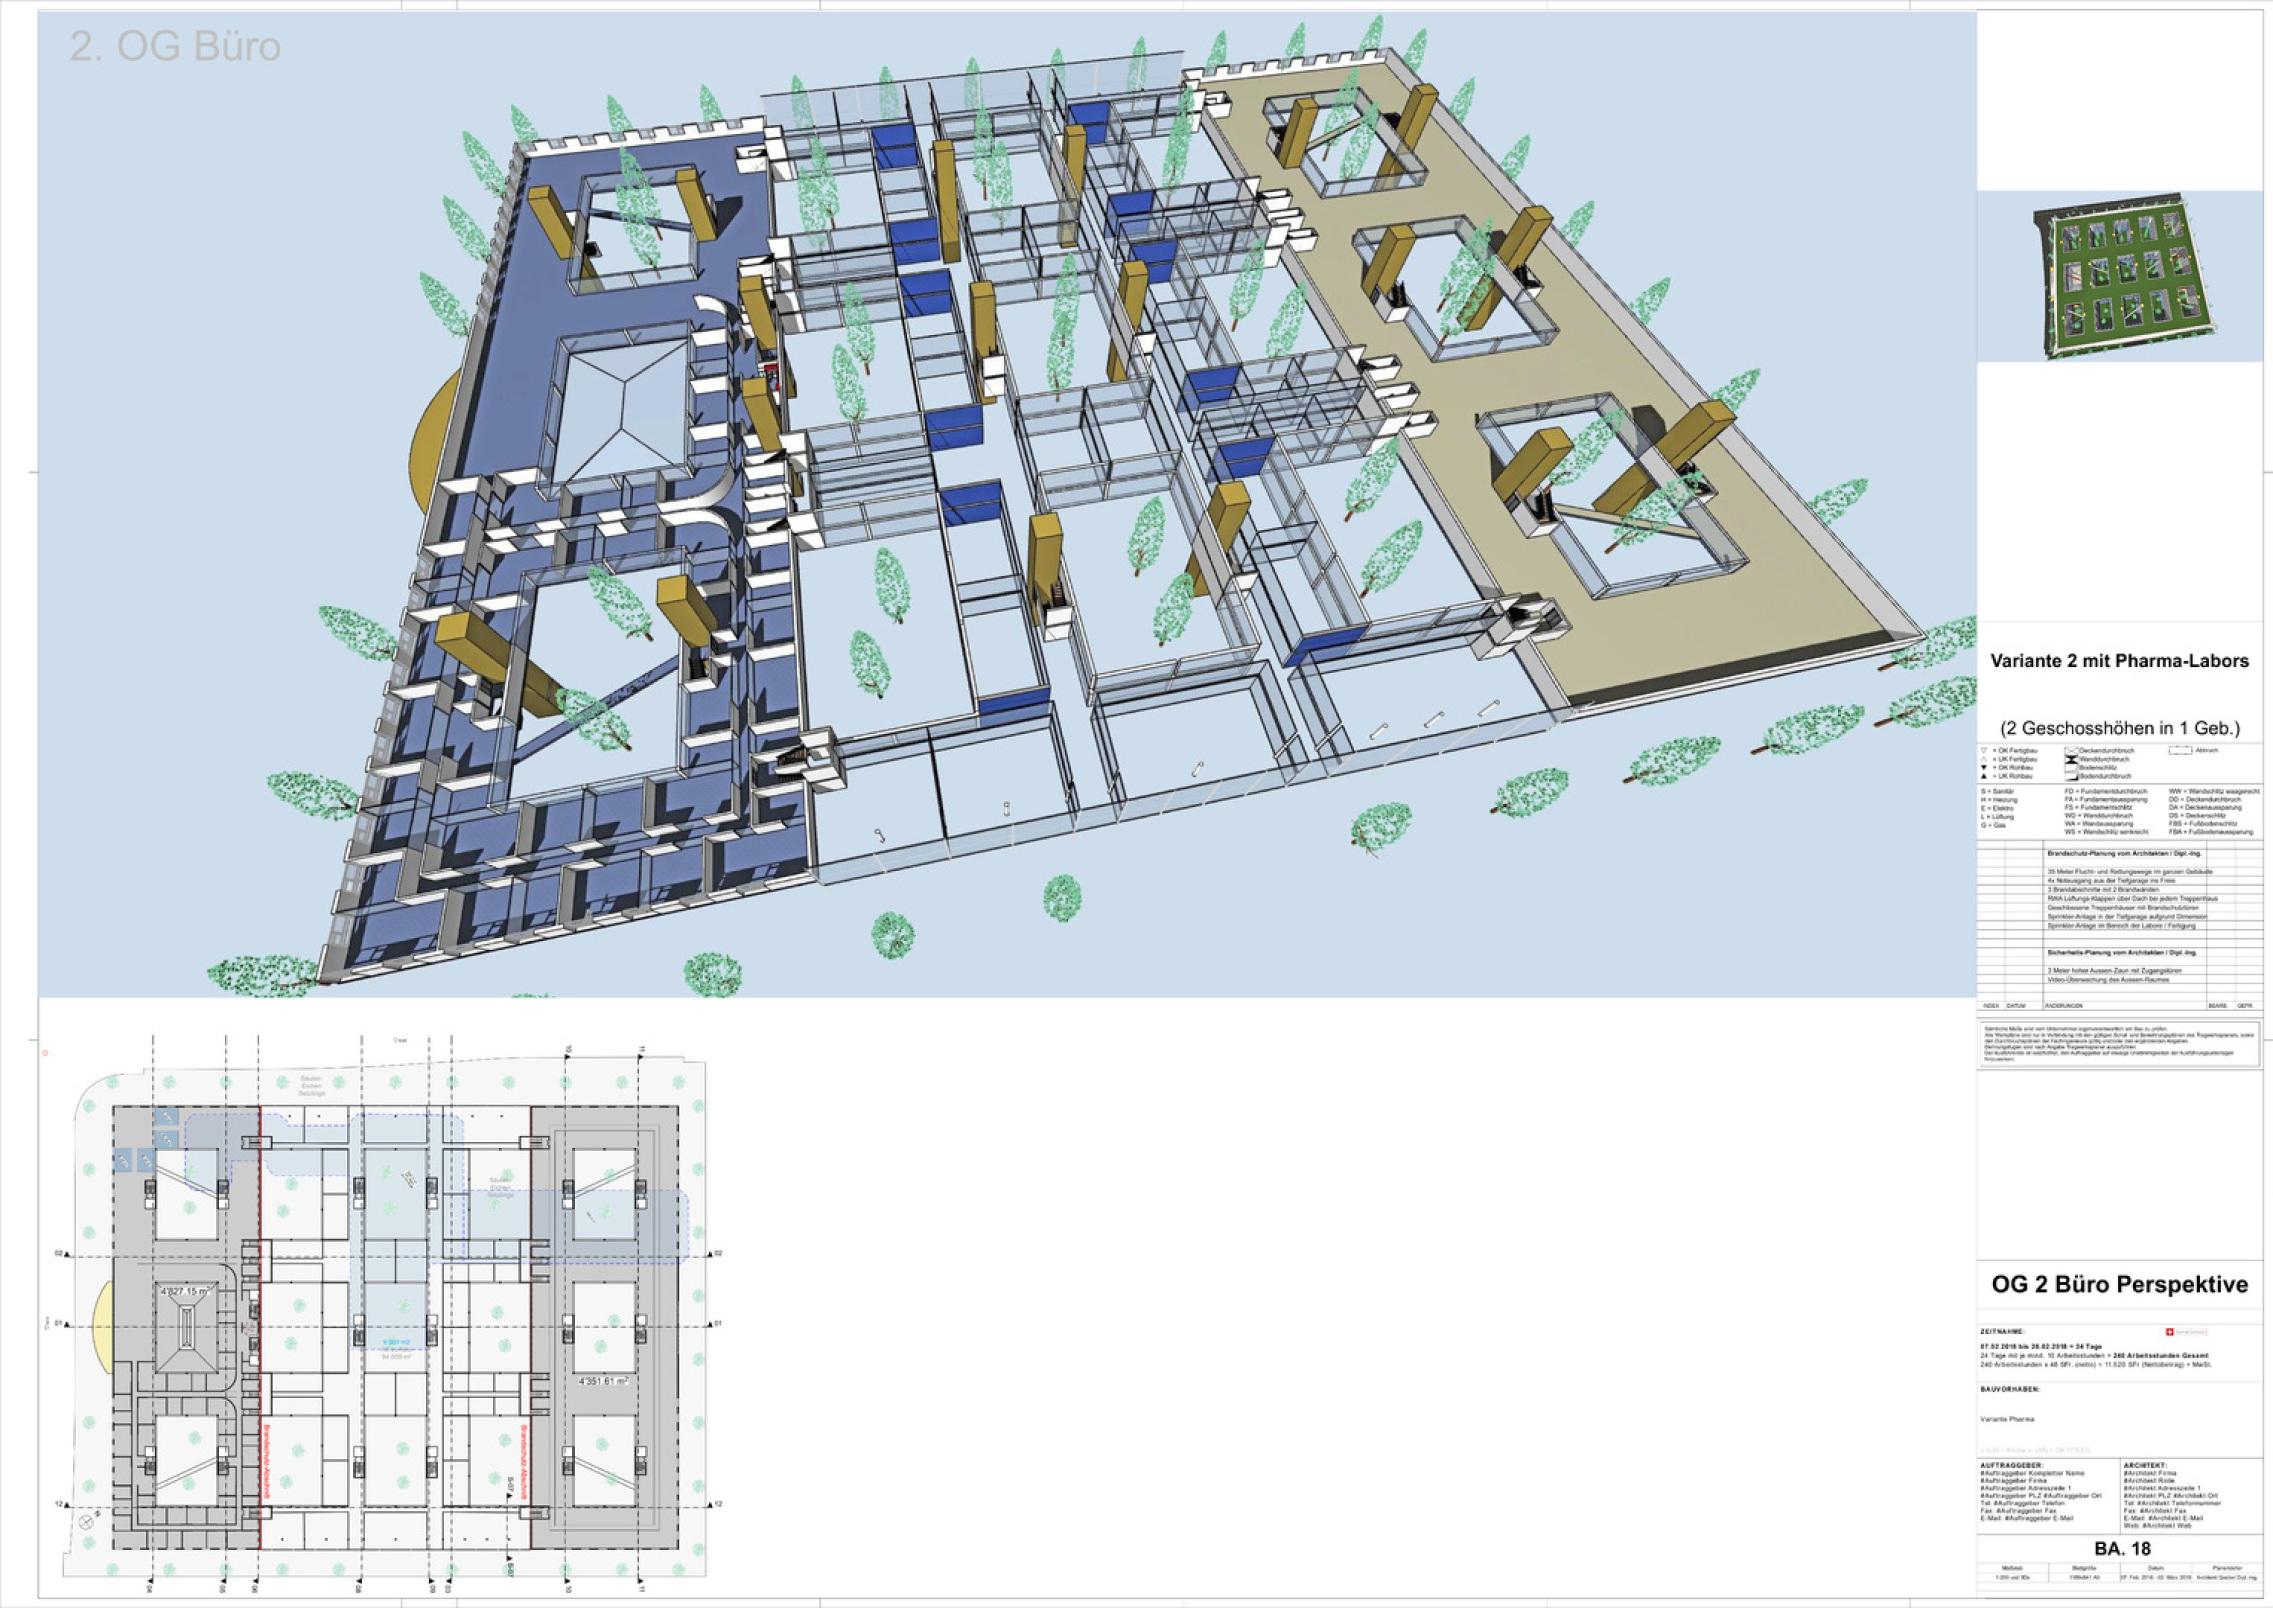 2.OG_Büro_3D_Pharma-Business-Center-Architekt-Volker-Goebel-Dipl.-Ing-Wilen-bei-Wollerau-17